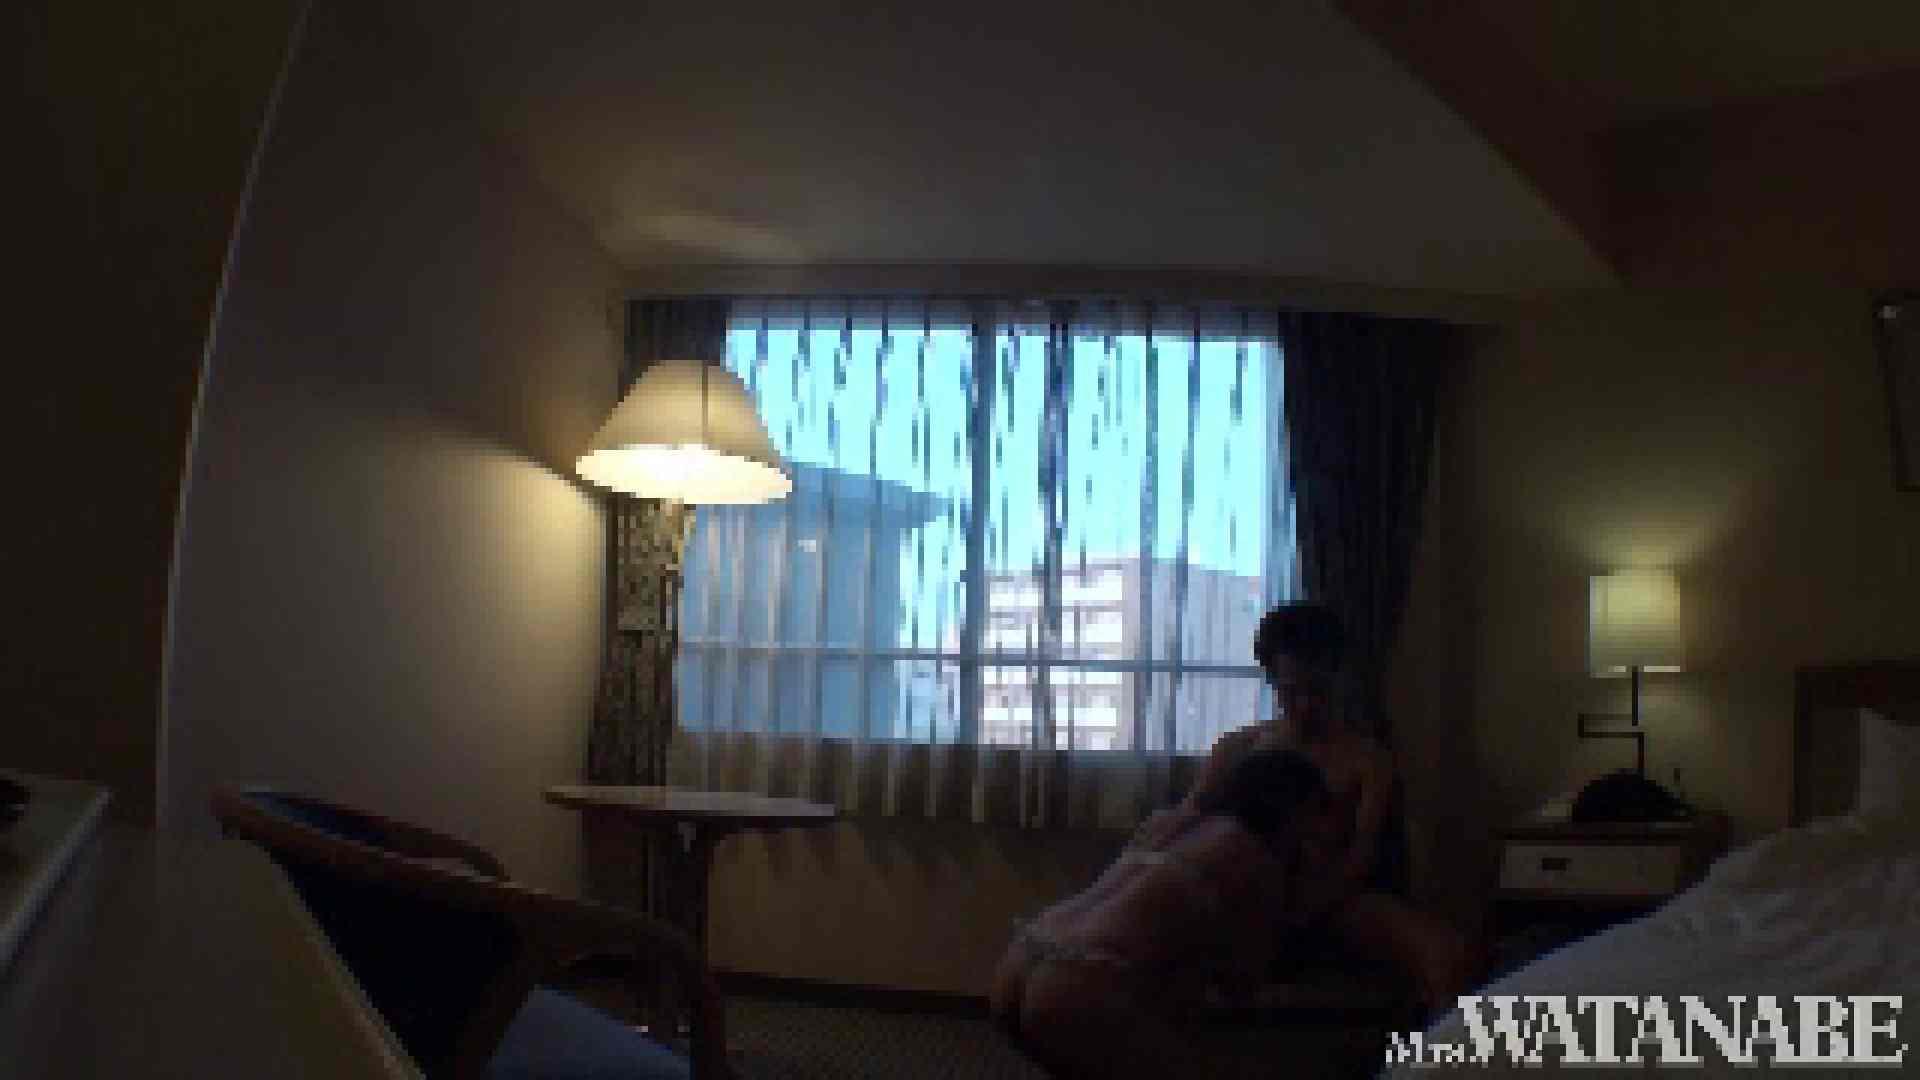 撮影スタッフを誘惑する痴熟女 かおり40歳 Vol.03 OLのエッチ  93pic 50